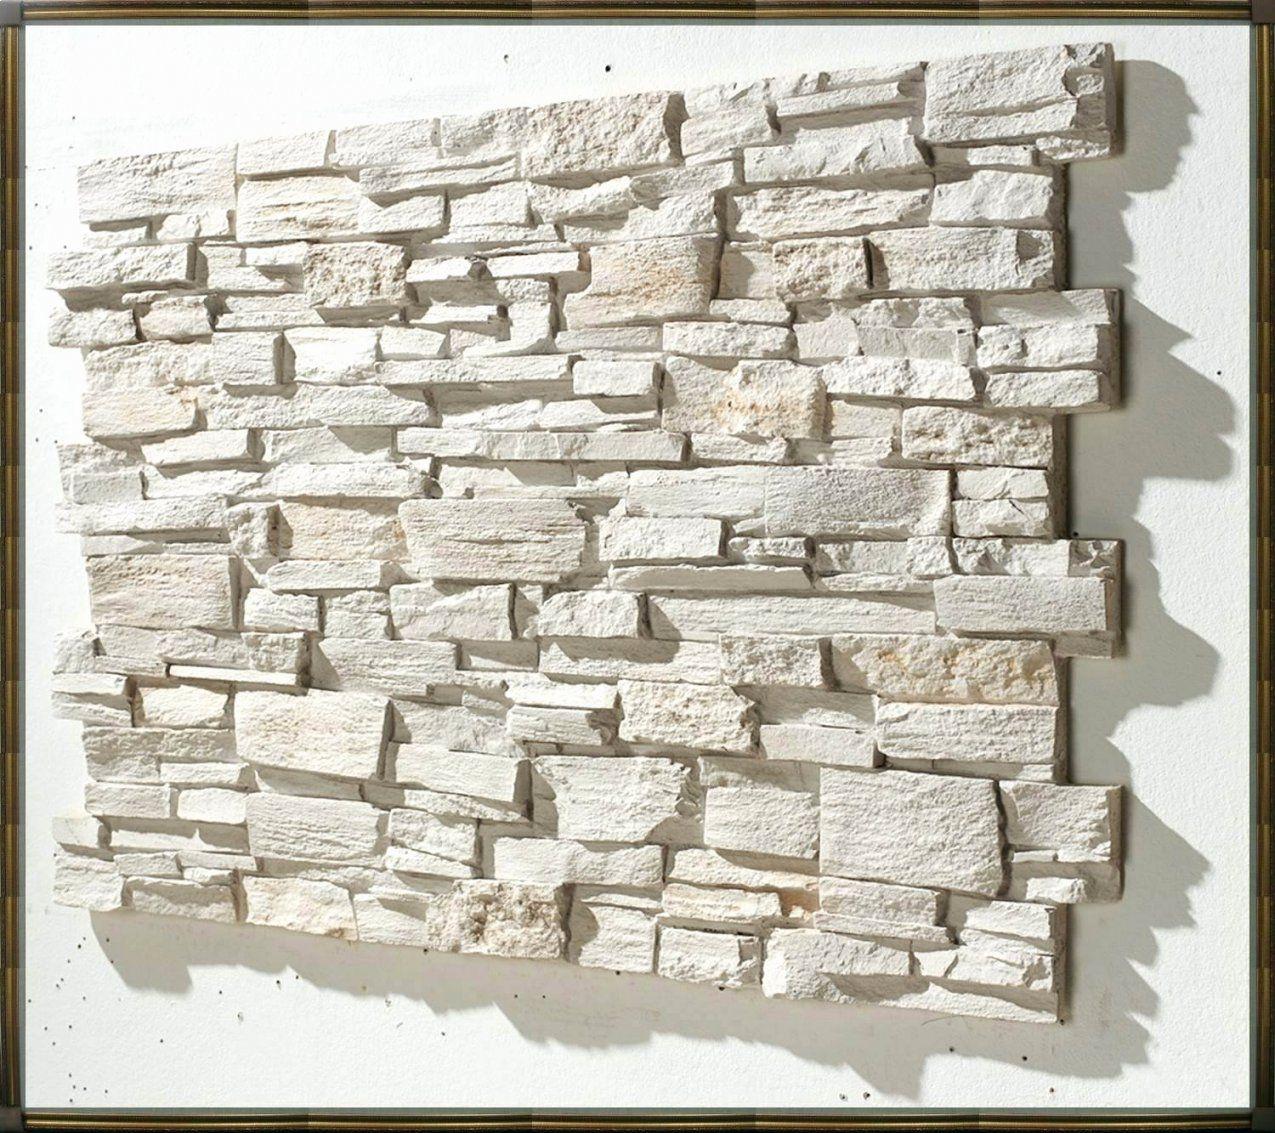 Wandverkleidung Innen Steinoptik Genial Wandverkleidung Steinoptik von Wandverkleidung Steinoptik Kunststoff Aussen Bild